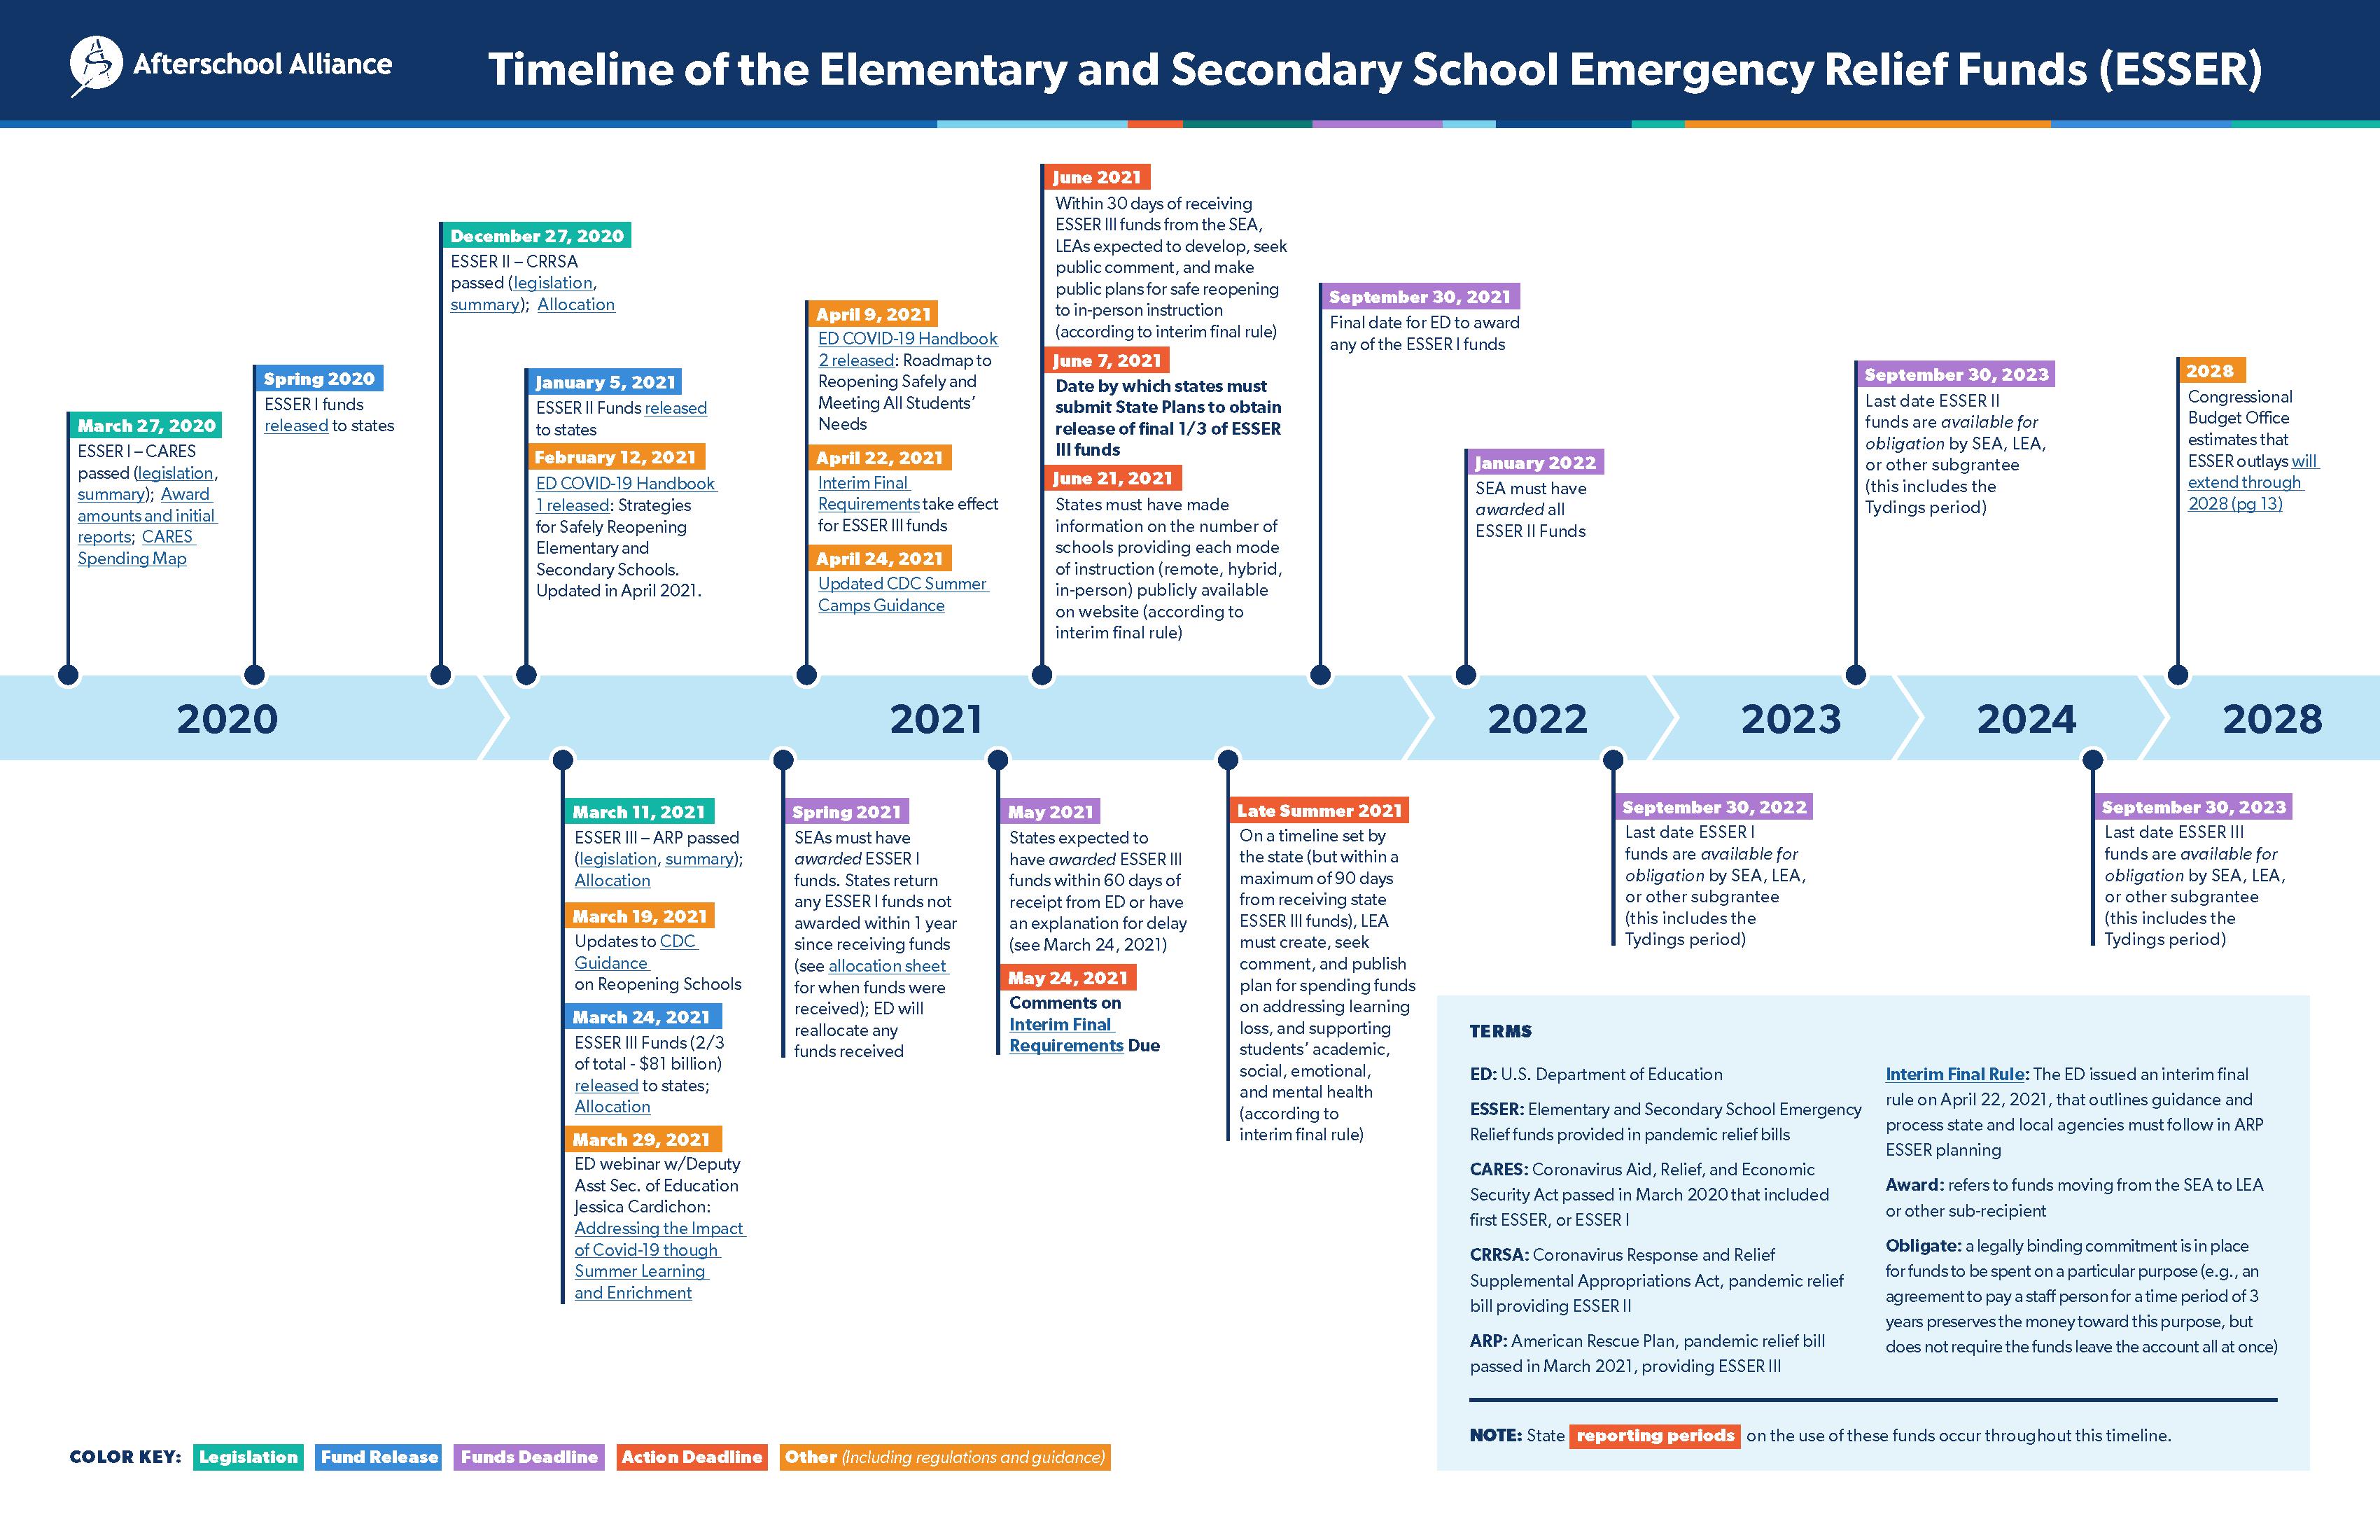 ESSER Funding Timeline